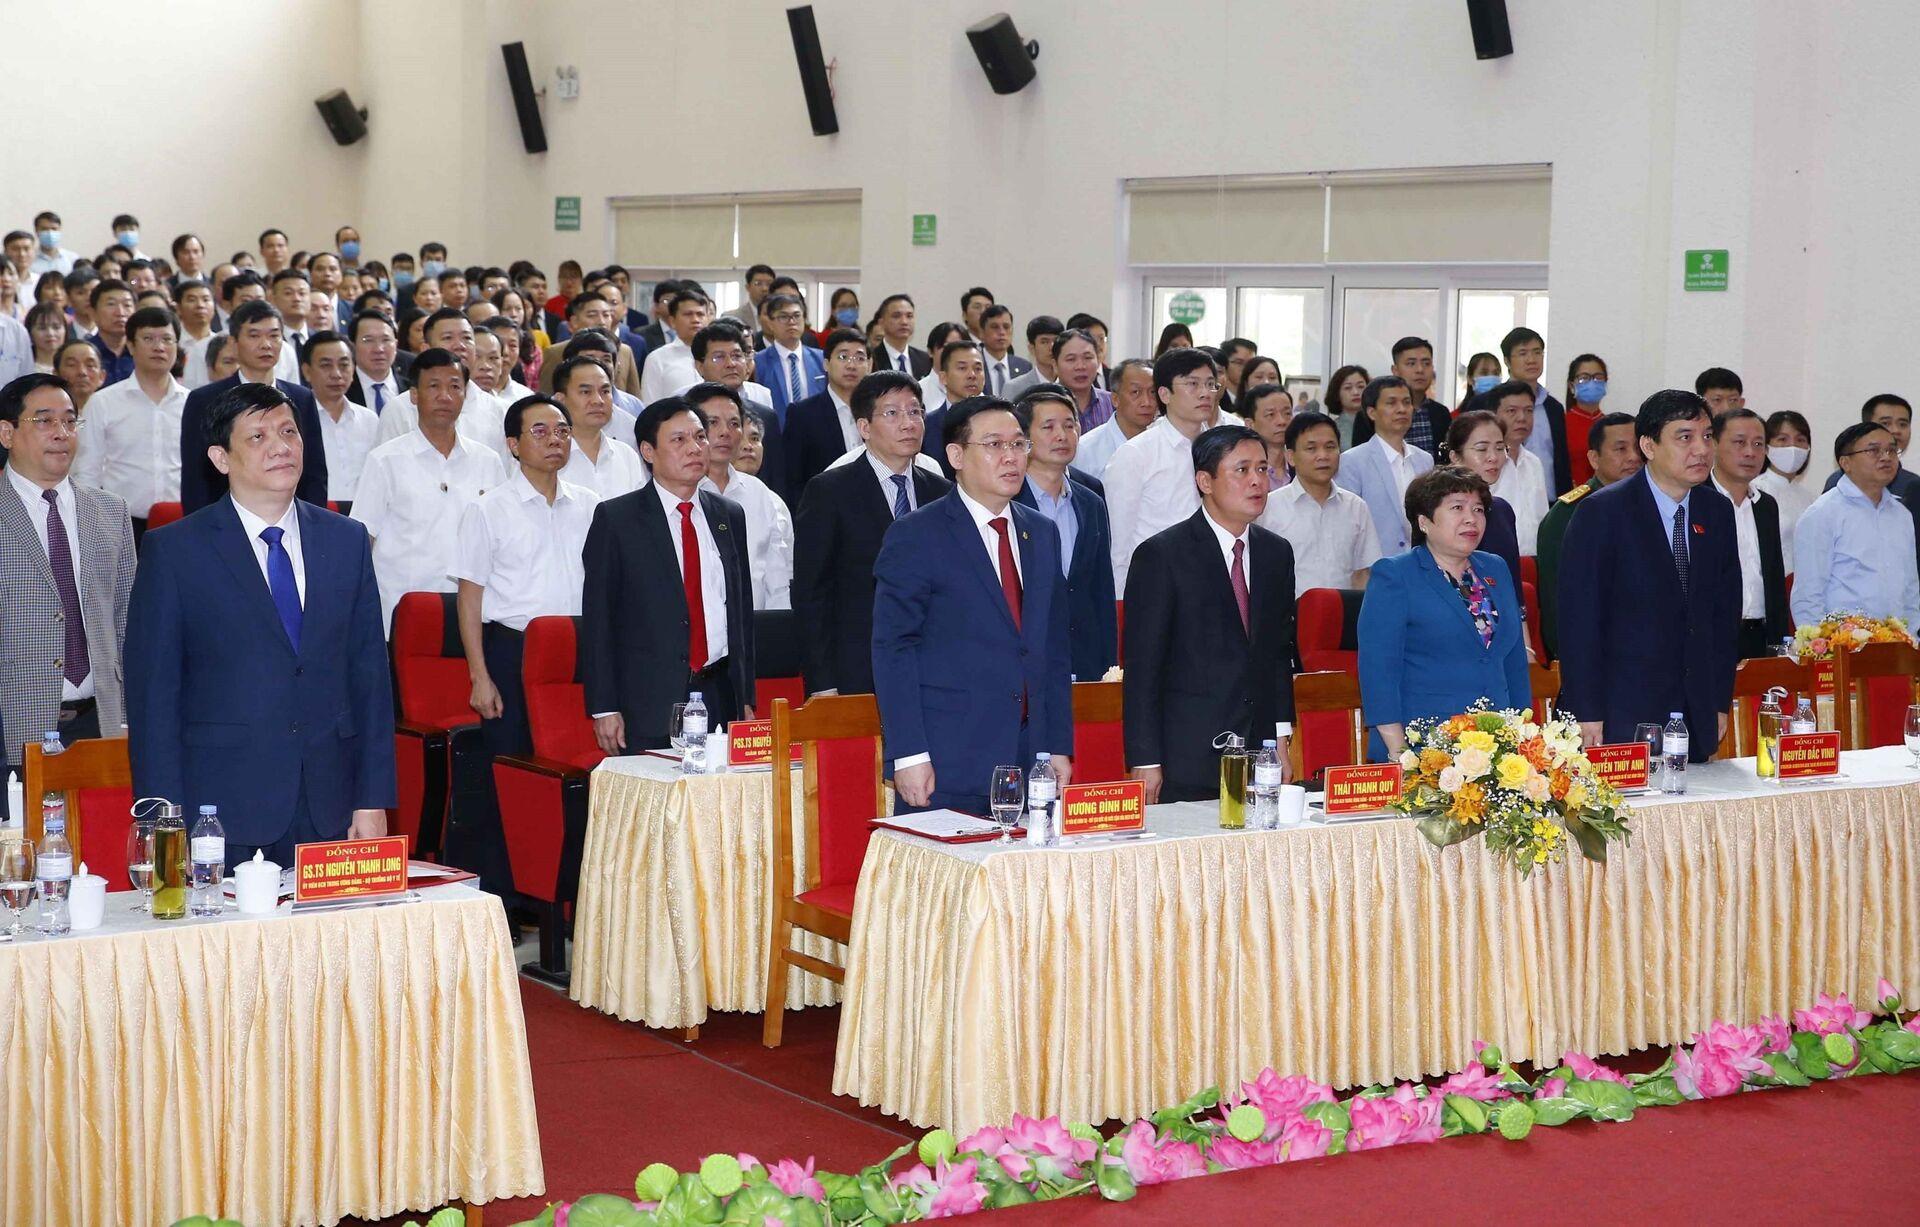 Chủ tịch Quốc hội Vương Đình Huệ thăm và làm việc tại tỉnh Nghệ An - Sputnik Việt Nam, 1920, 11.04.2021